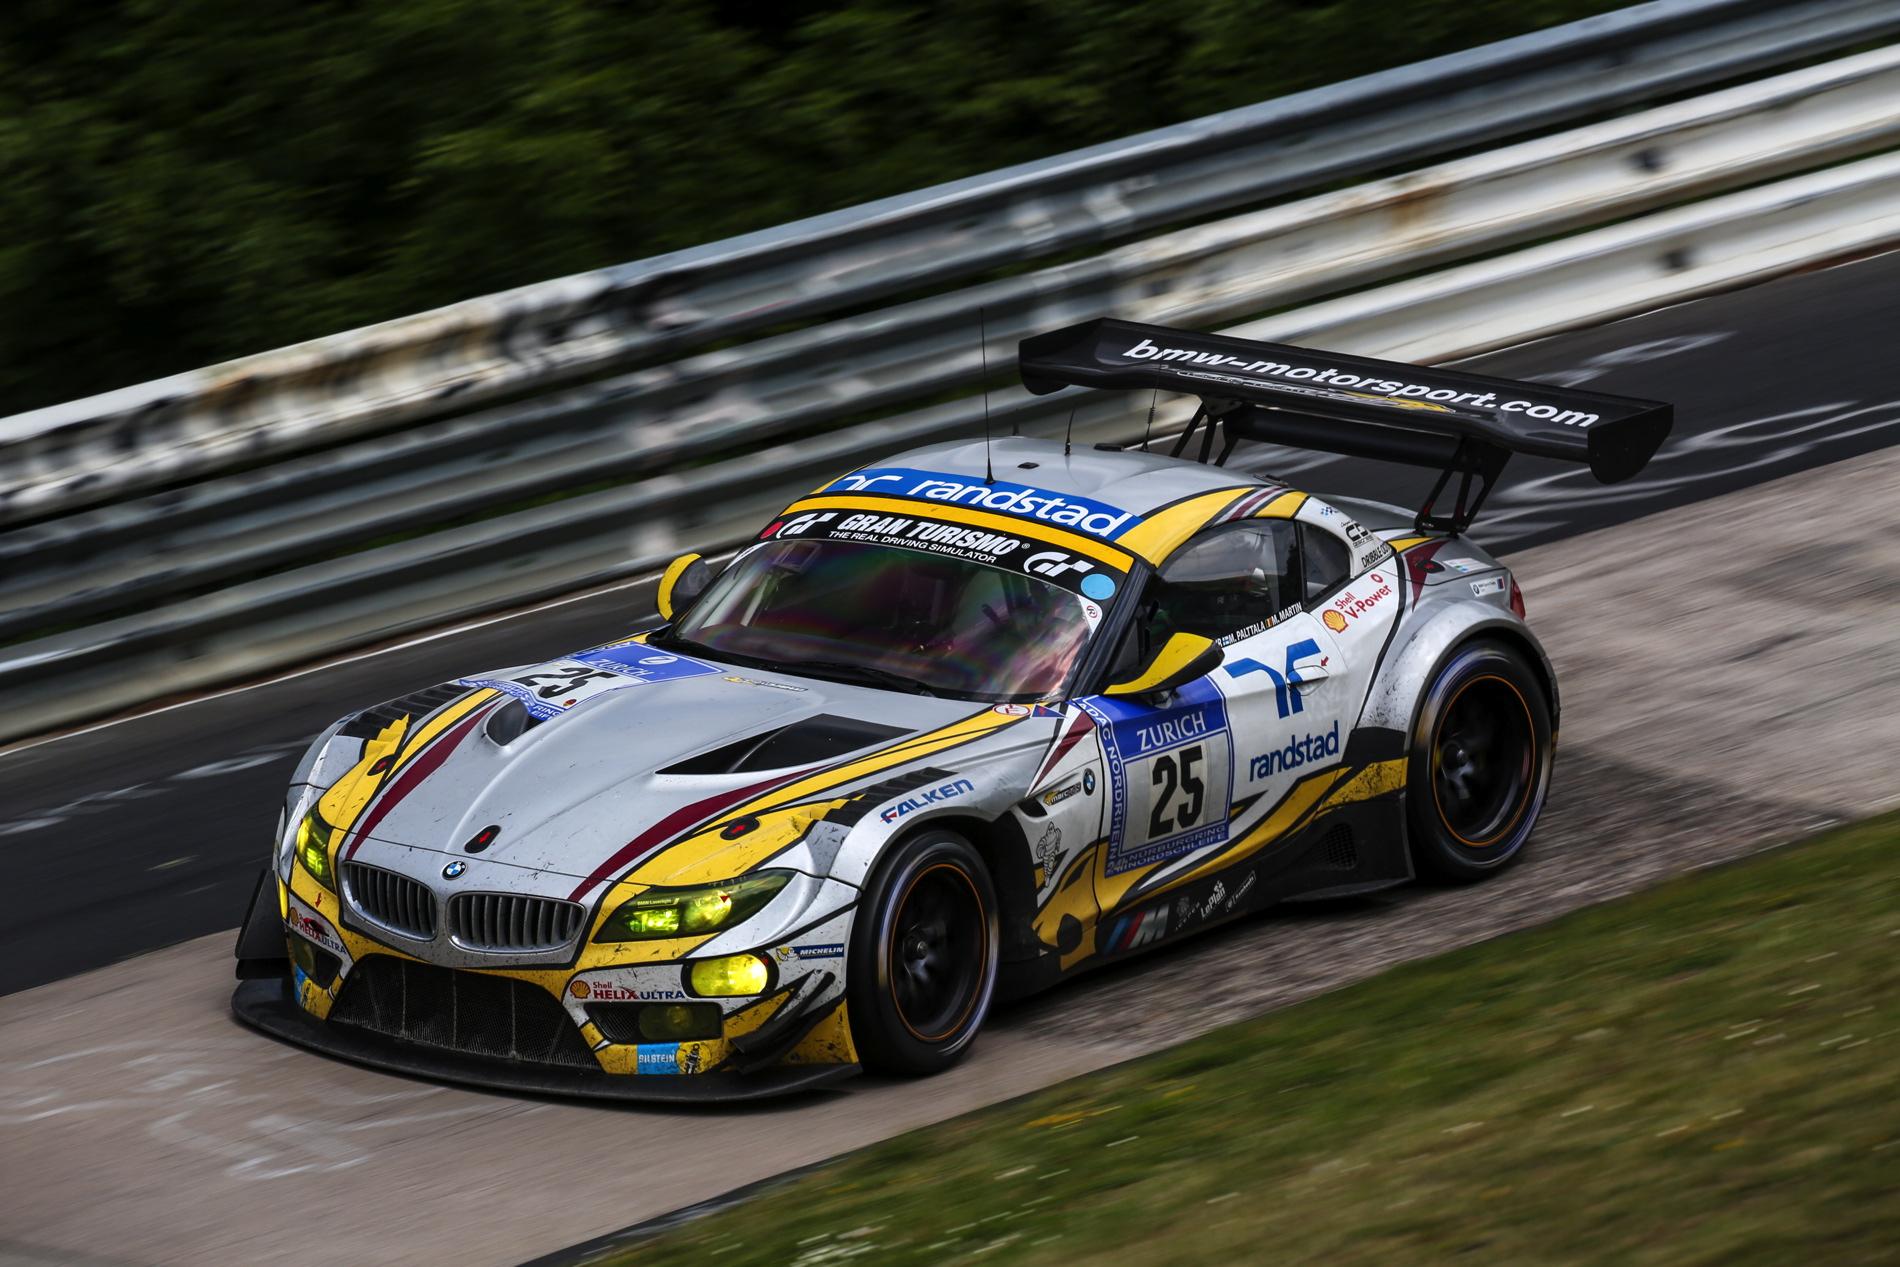 2015 nurburgring 24 hr winners images 10